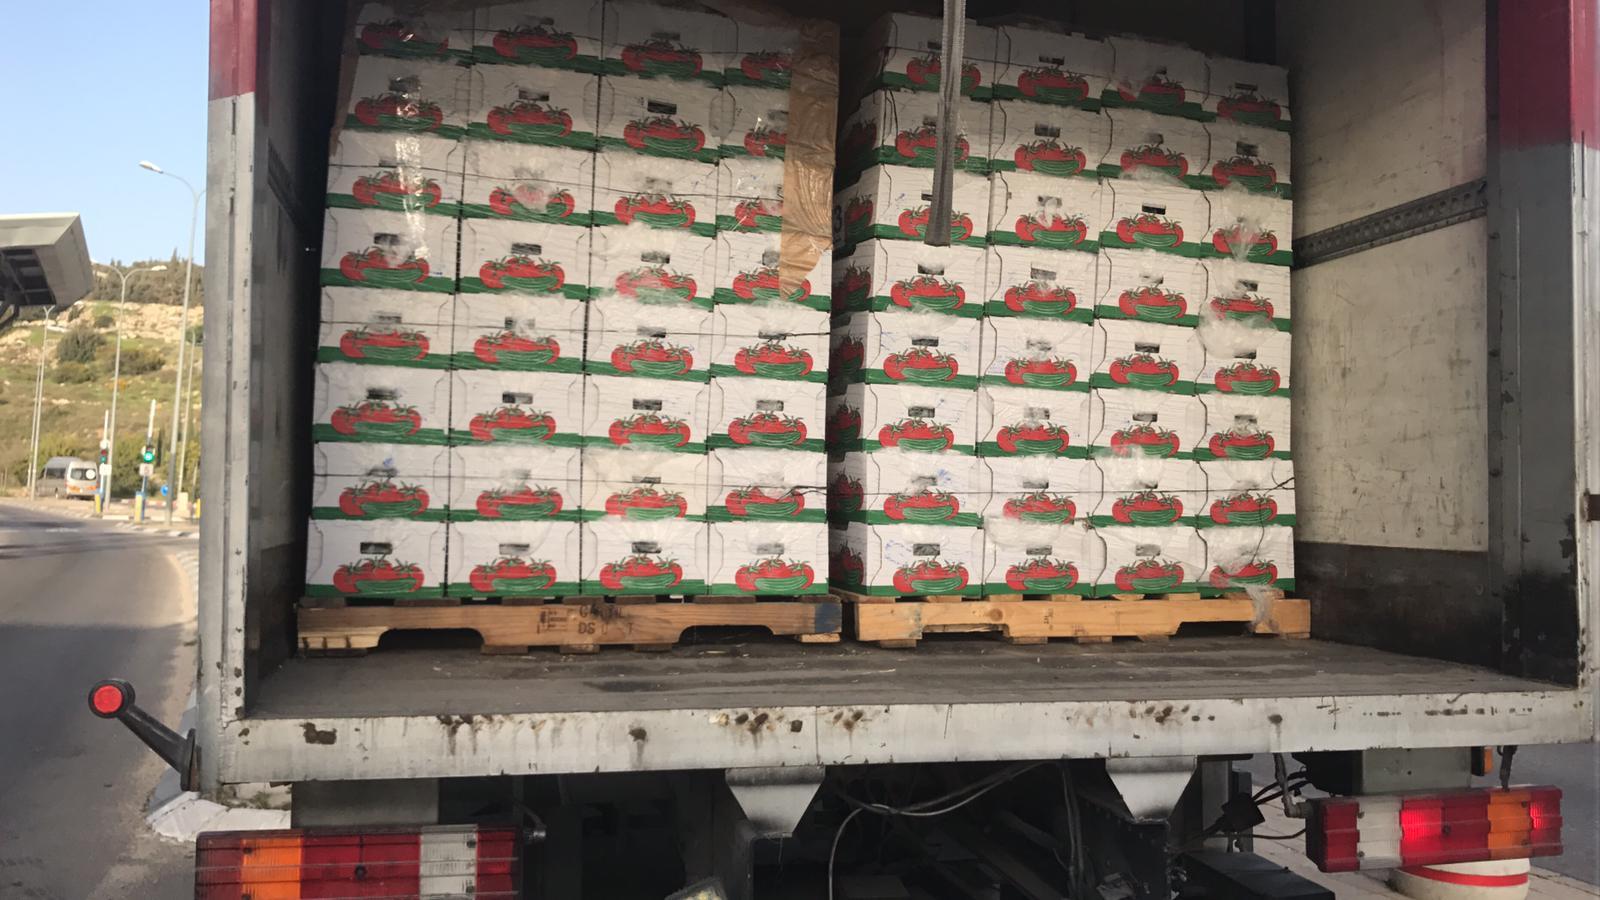 הירקות שנתפסו על ידי מפקחי משרד החקלאות (צילום: דוברות משרד החקלאות)